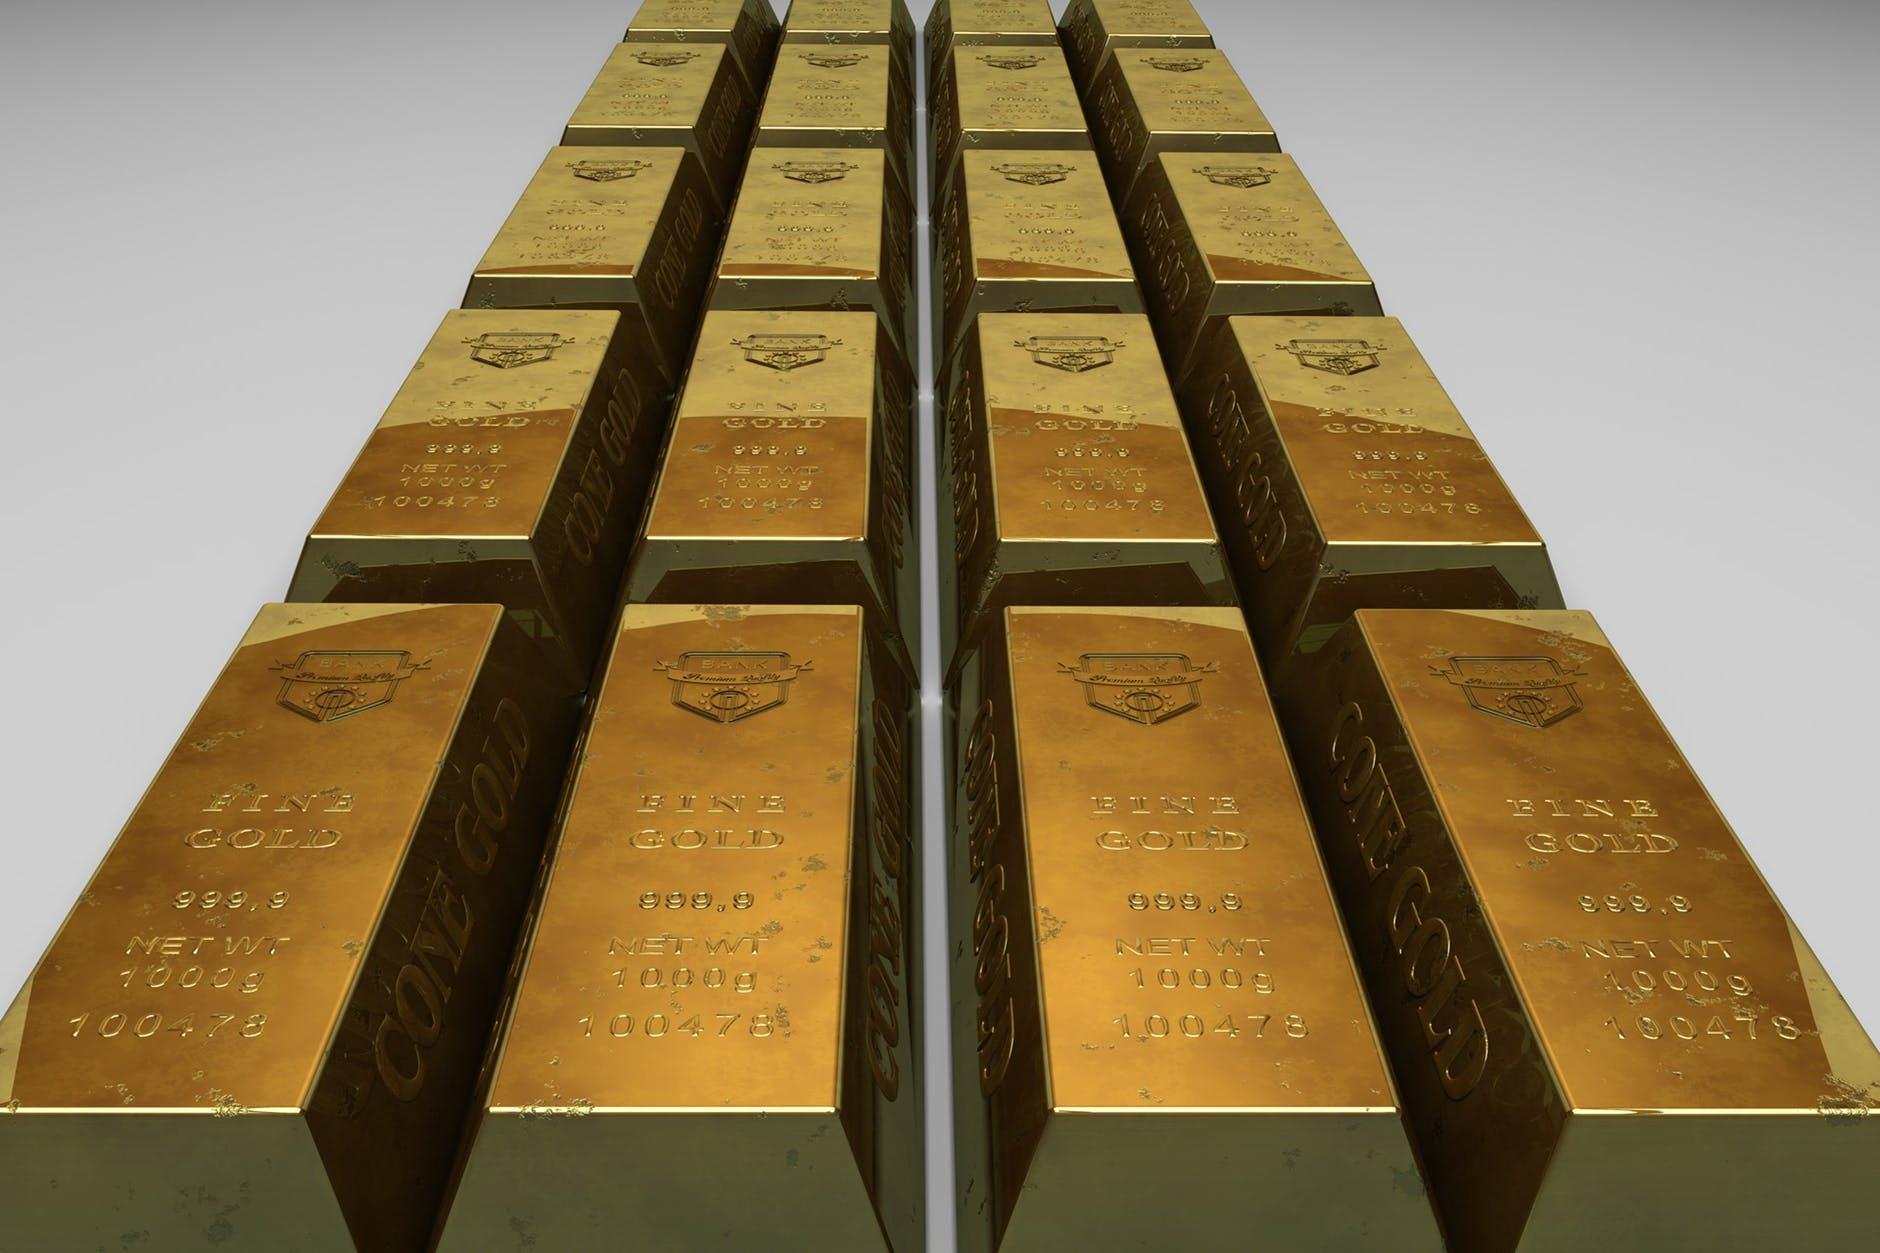 Emas Indonesia dan Negara Penghasil Emas Terbesar di Dunia